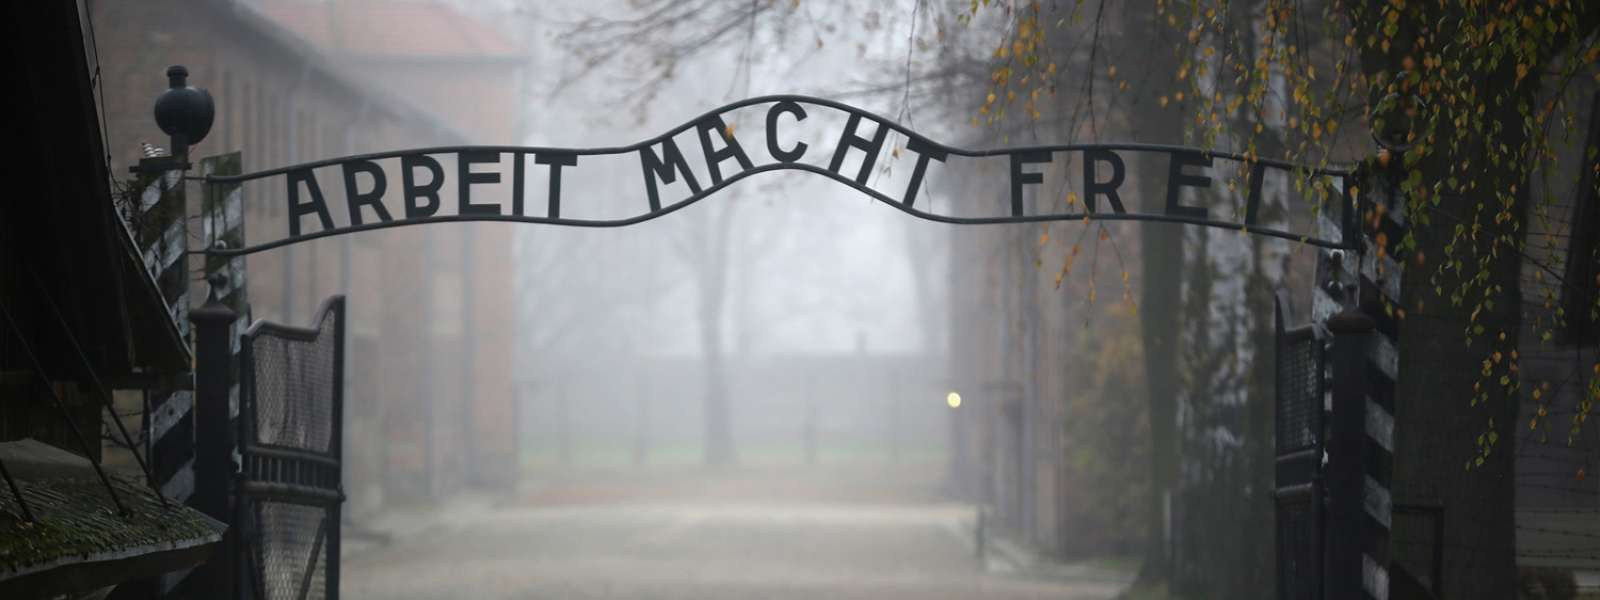 Ми по таборах і тюрмах: українські націоналісти у нацистських концтаборах